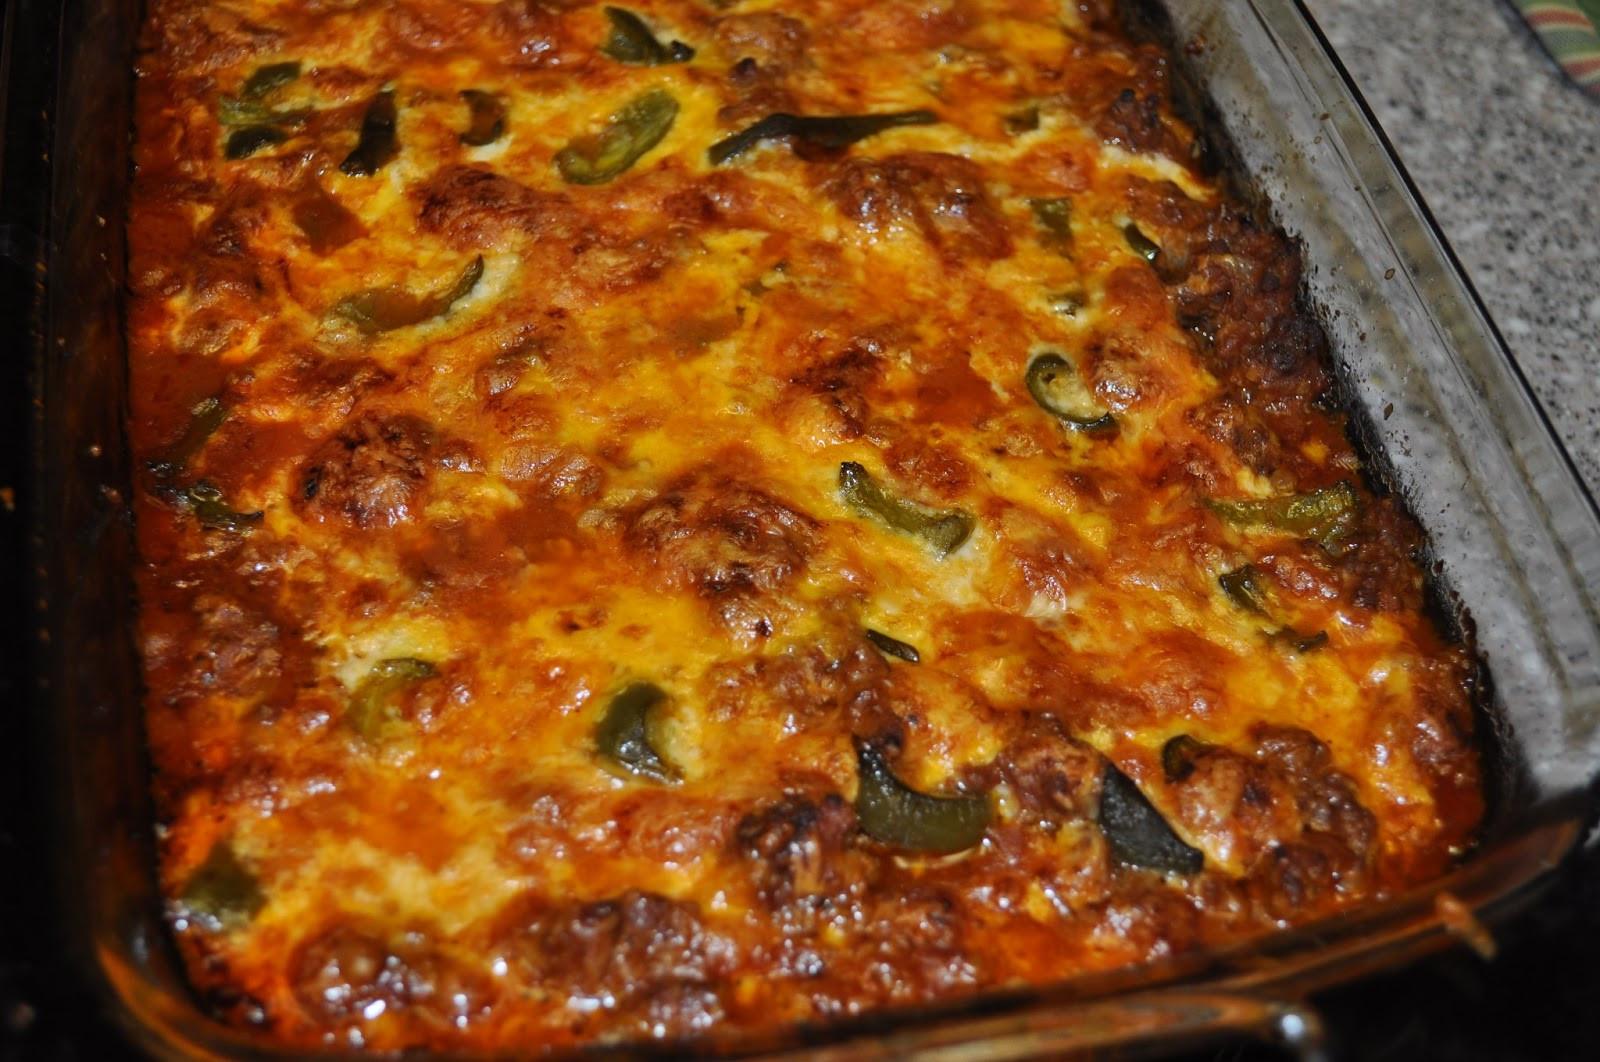 Zucchini Pizza Casserole  Beth s Favorite Recipes Zucchini Pizza Casserole